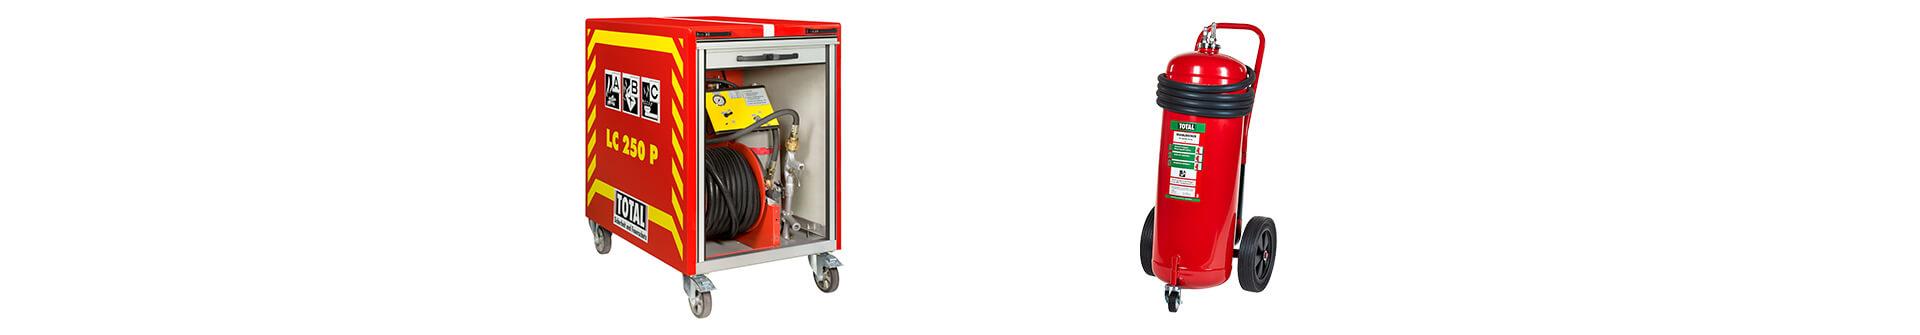 Fahrbare Feuerlöscher und Löschcontainer